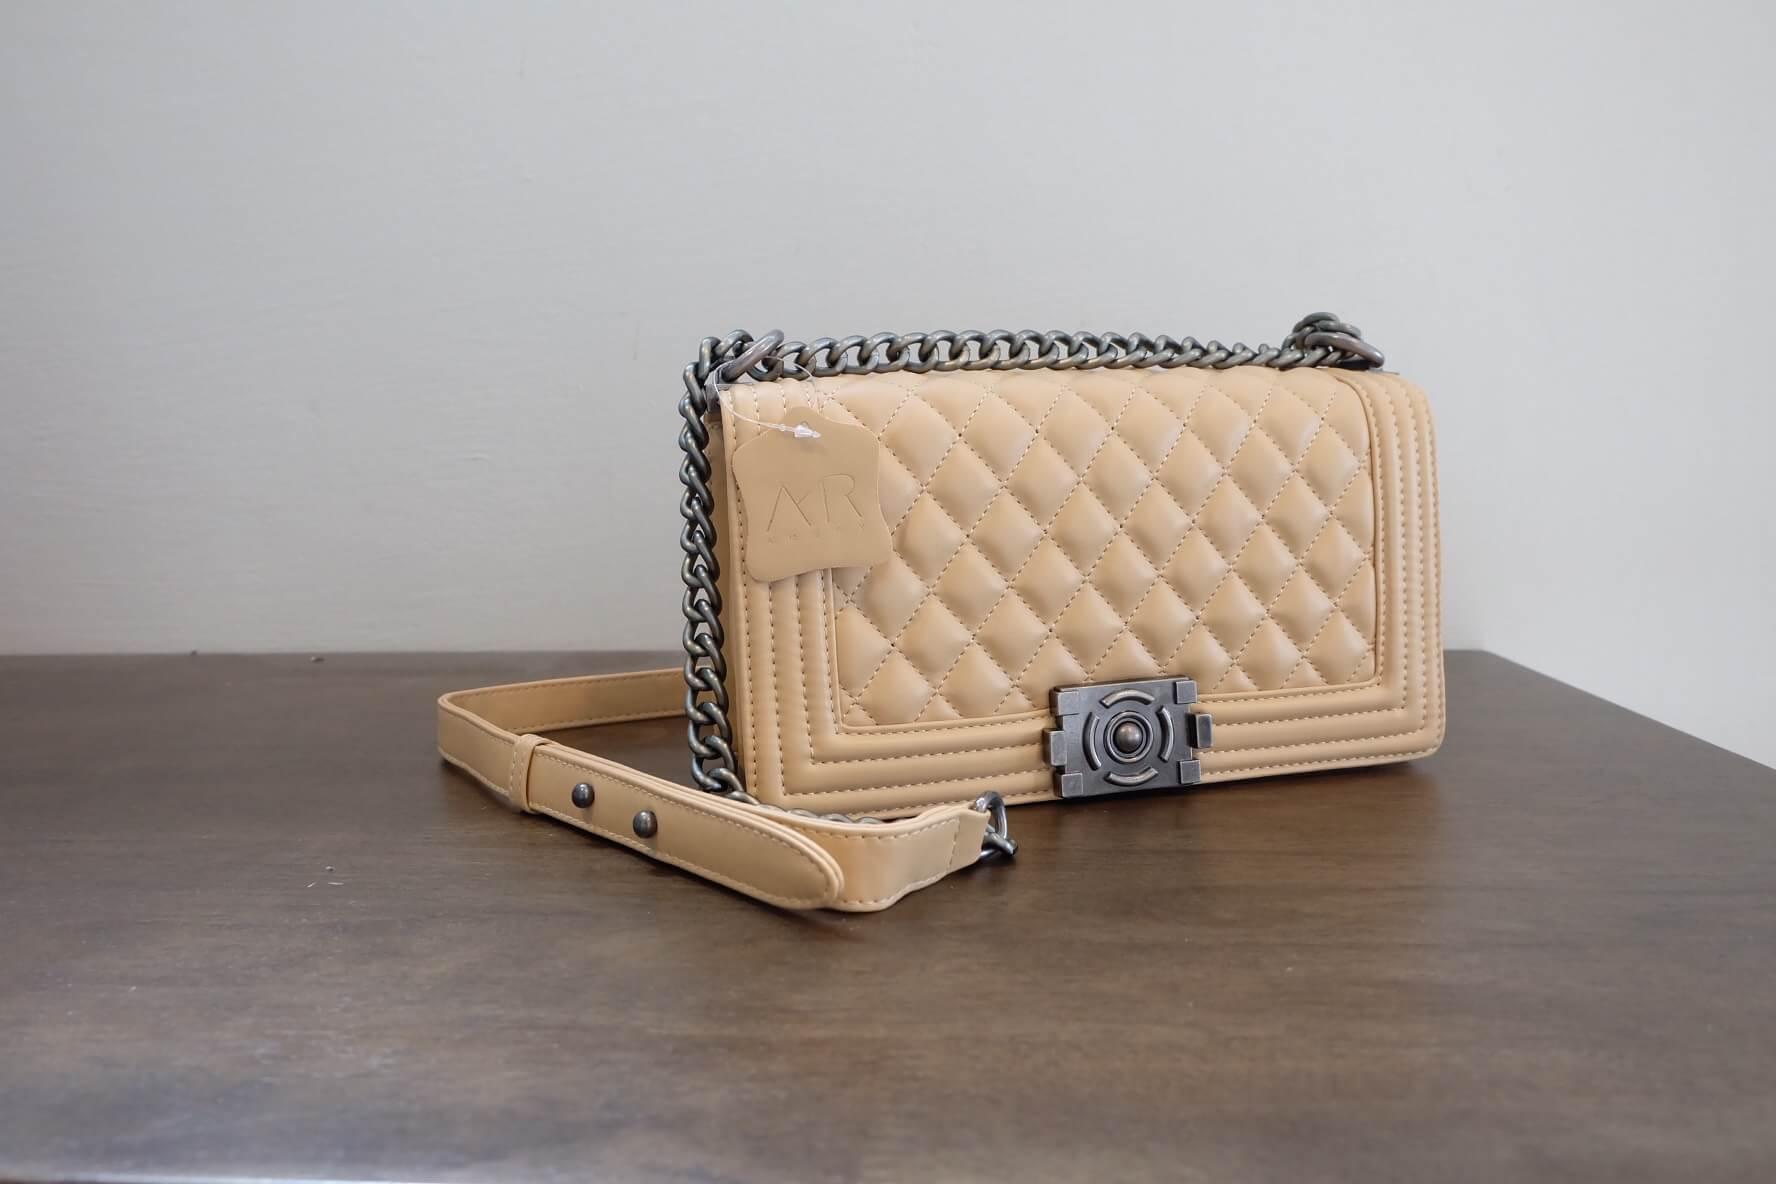 กระเป๋า Amory chain large shoulder bag สีครีมทรง Chanel สวยหรูมากค่า กับกระเป๋าทรงยอดฮิต